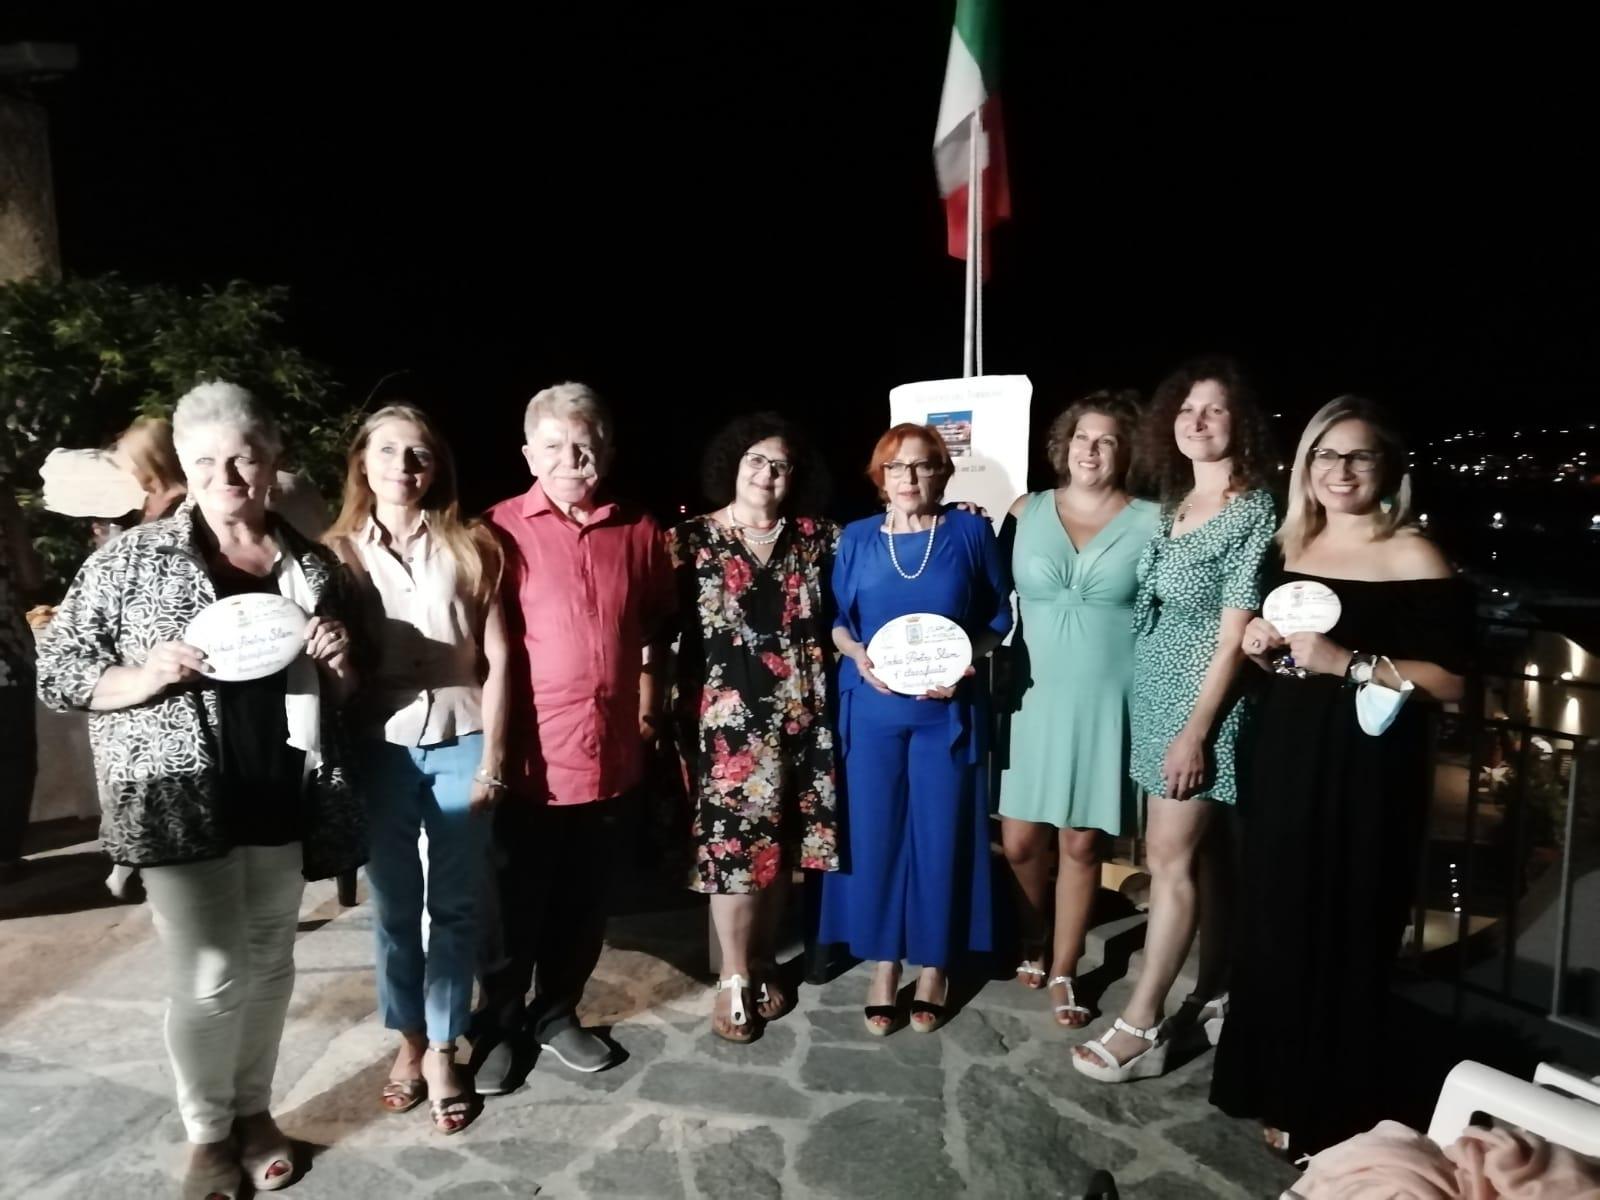 Venerdì 23 luglio la poetessa flegrea Annamaria Varriale ha vinto il campionato di poesia Ischia Poetry Slam svoltosi nello splendido scenario di Forio d'Ischia, sulla terrazza del museo civico del torrione Giovanni Maltese, meritandosi l'accesso alla finale nazionale che si svolgerà prossimamente a Milano nella Casa Alda Merini.